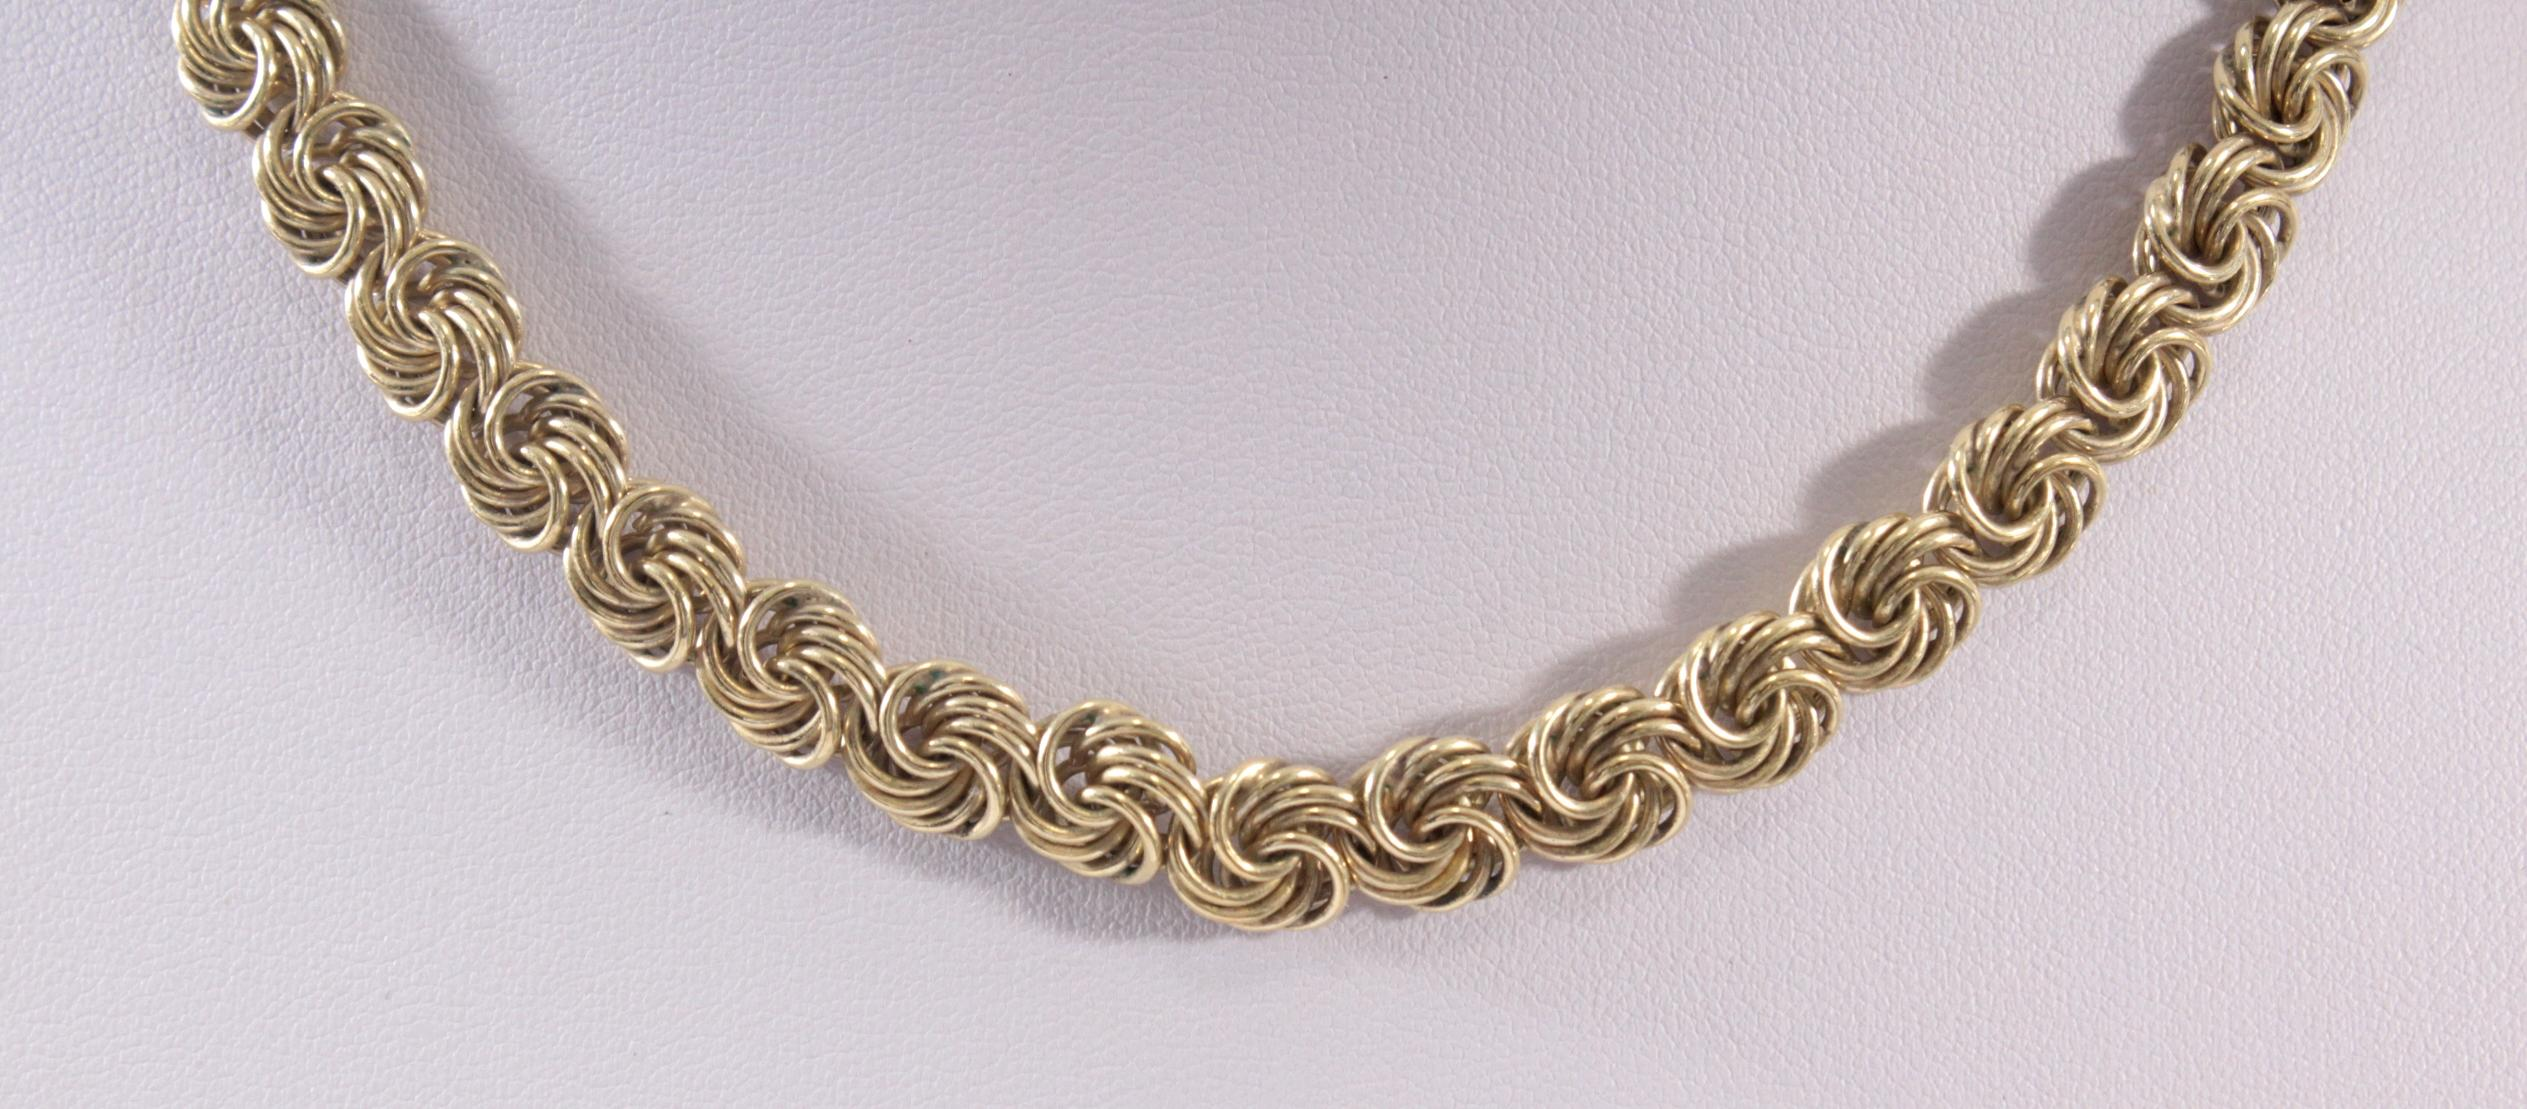 Collier aus 925er Sterlingsilber vergoldet-2